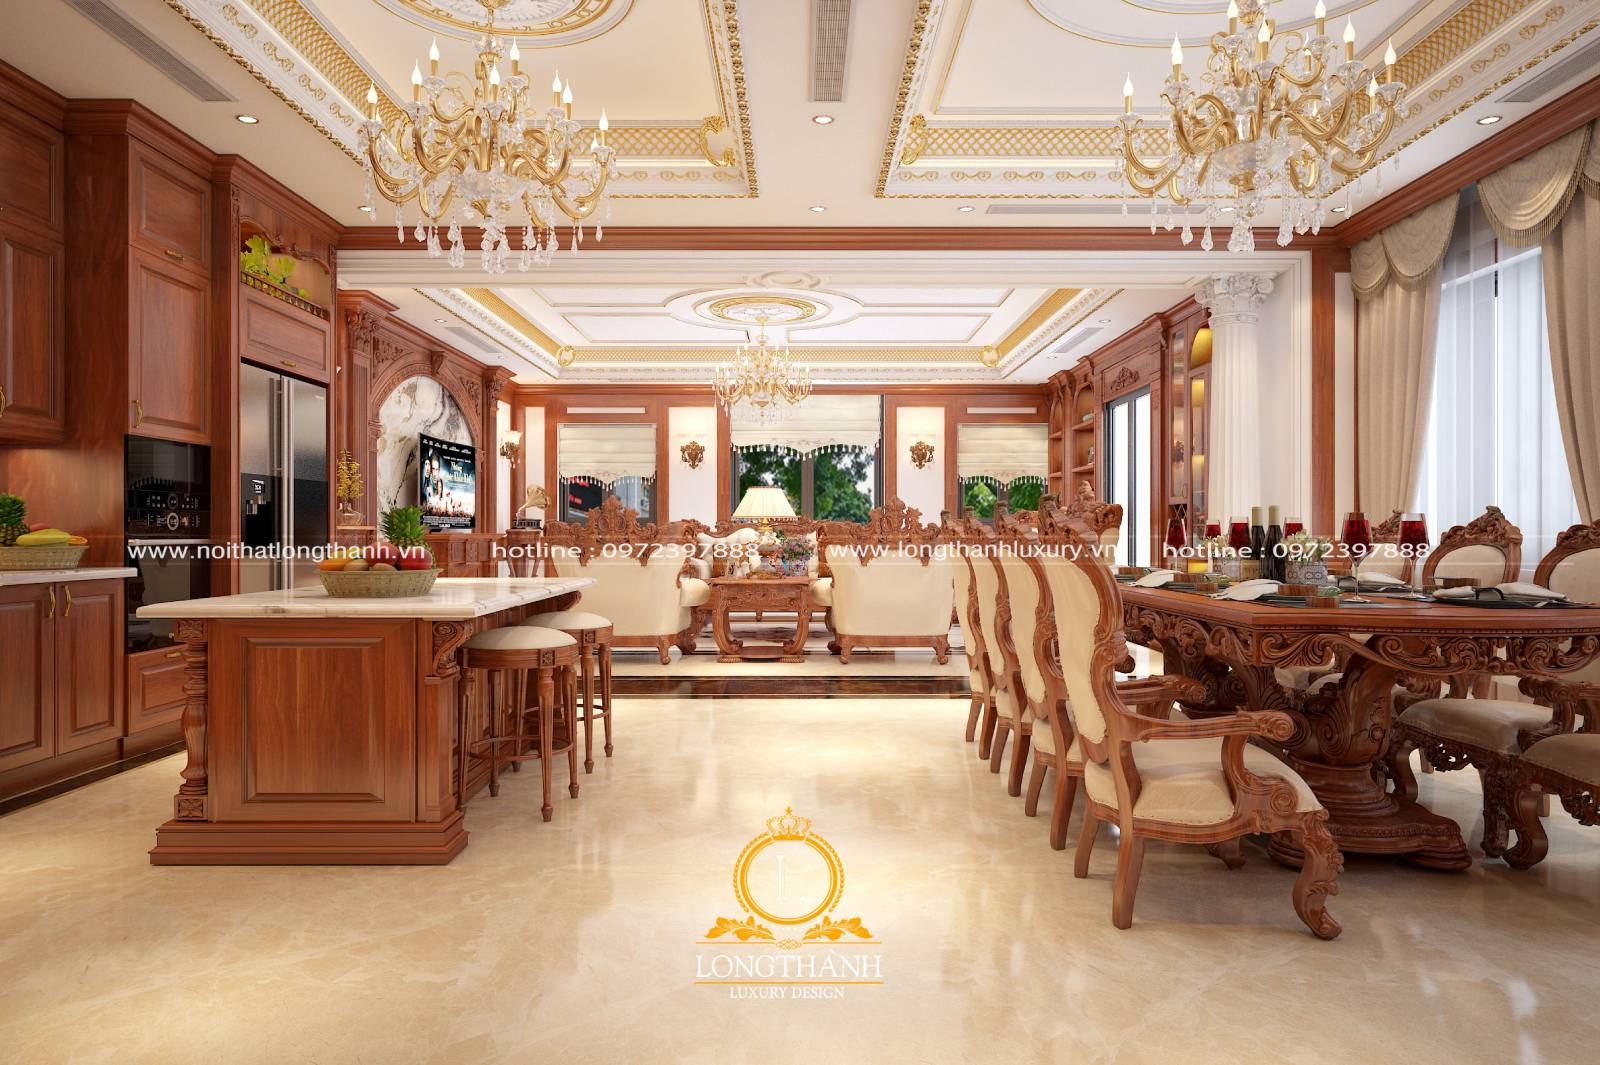 Nội thất phòng khách liền phòng ăn mang phong cách tân cổ điển